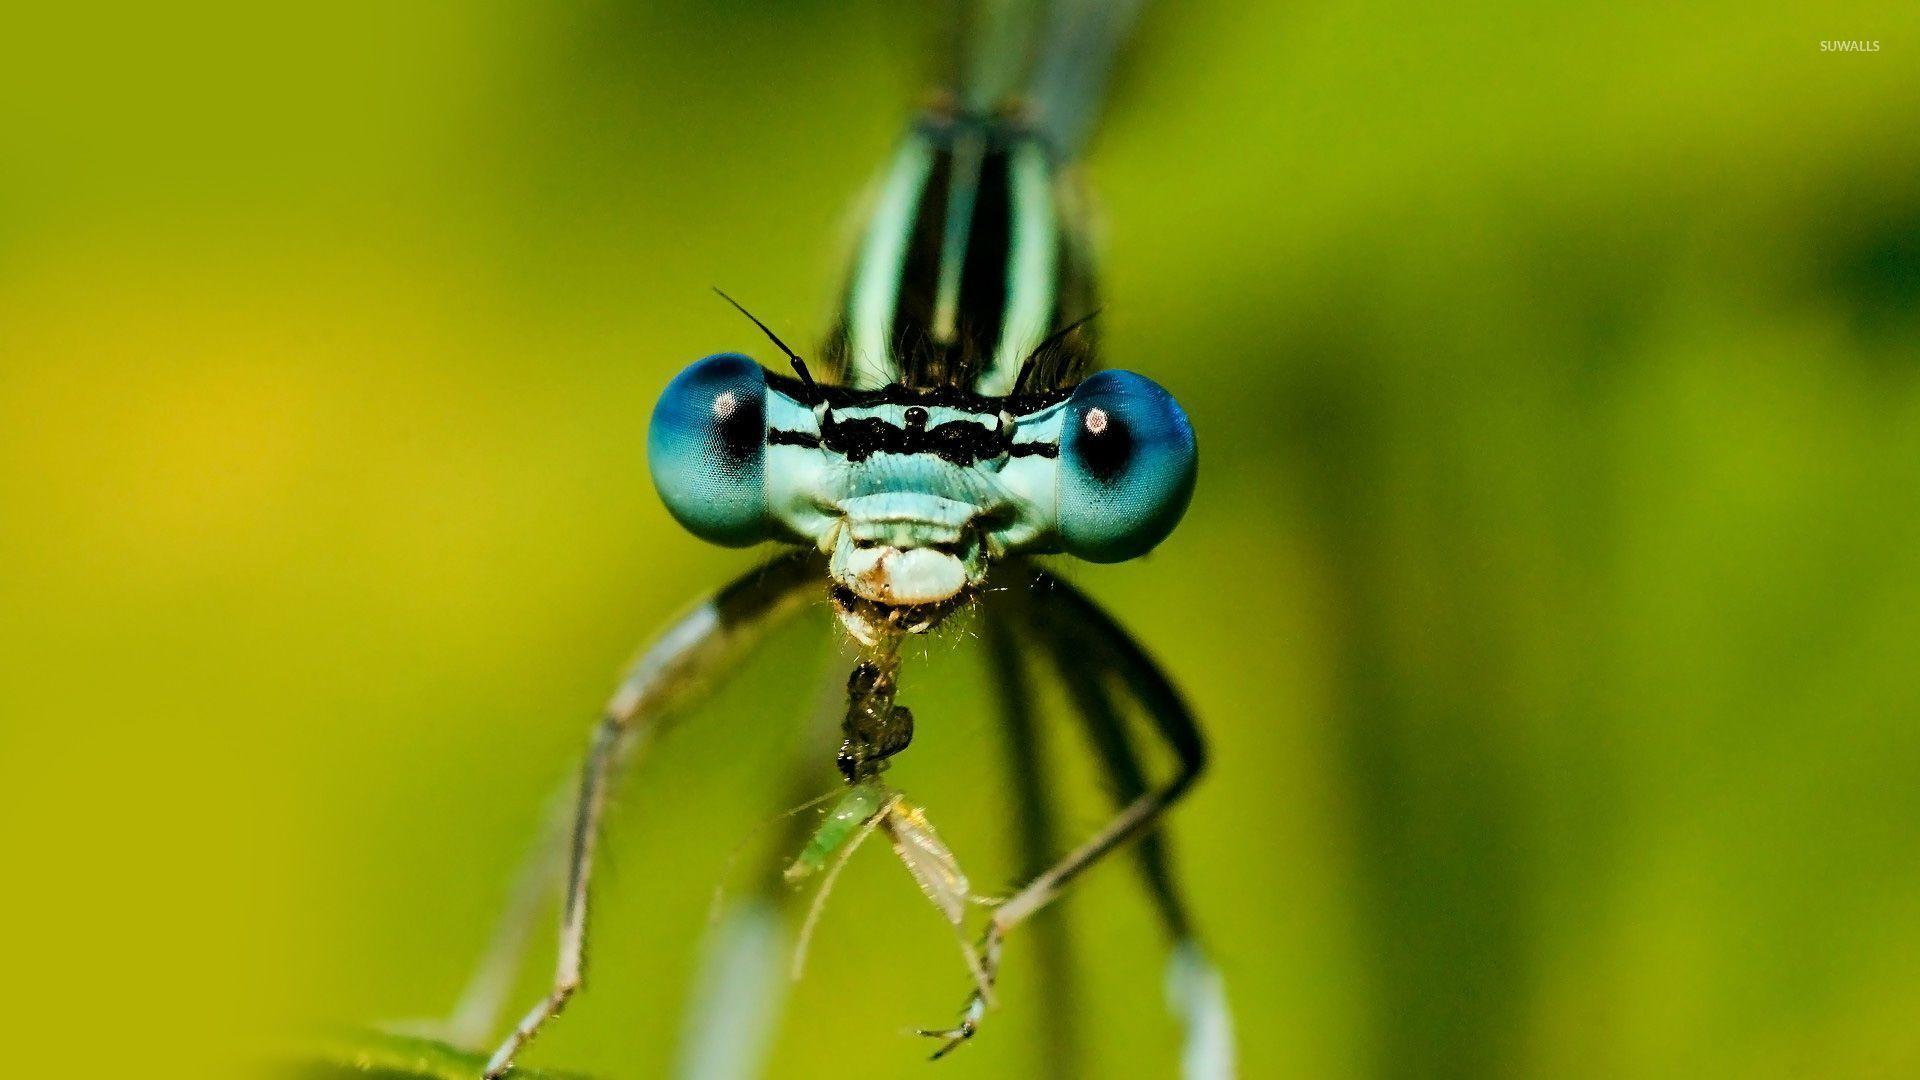 насекомое смотреть